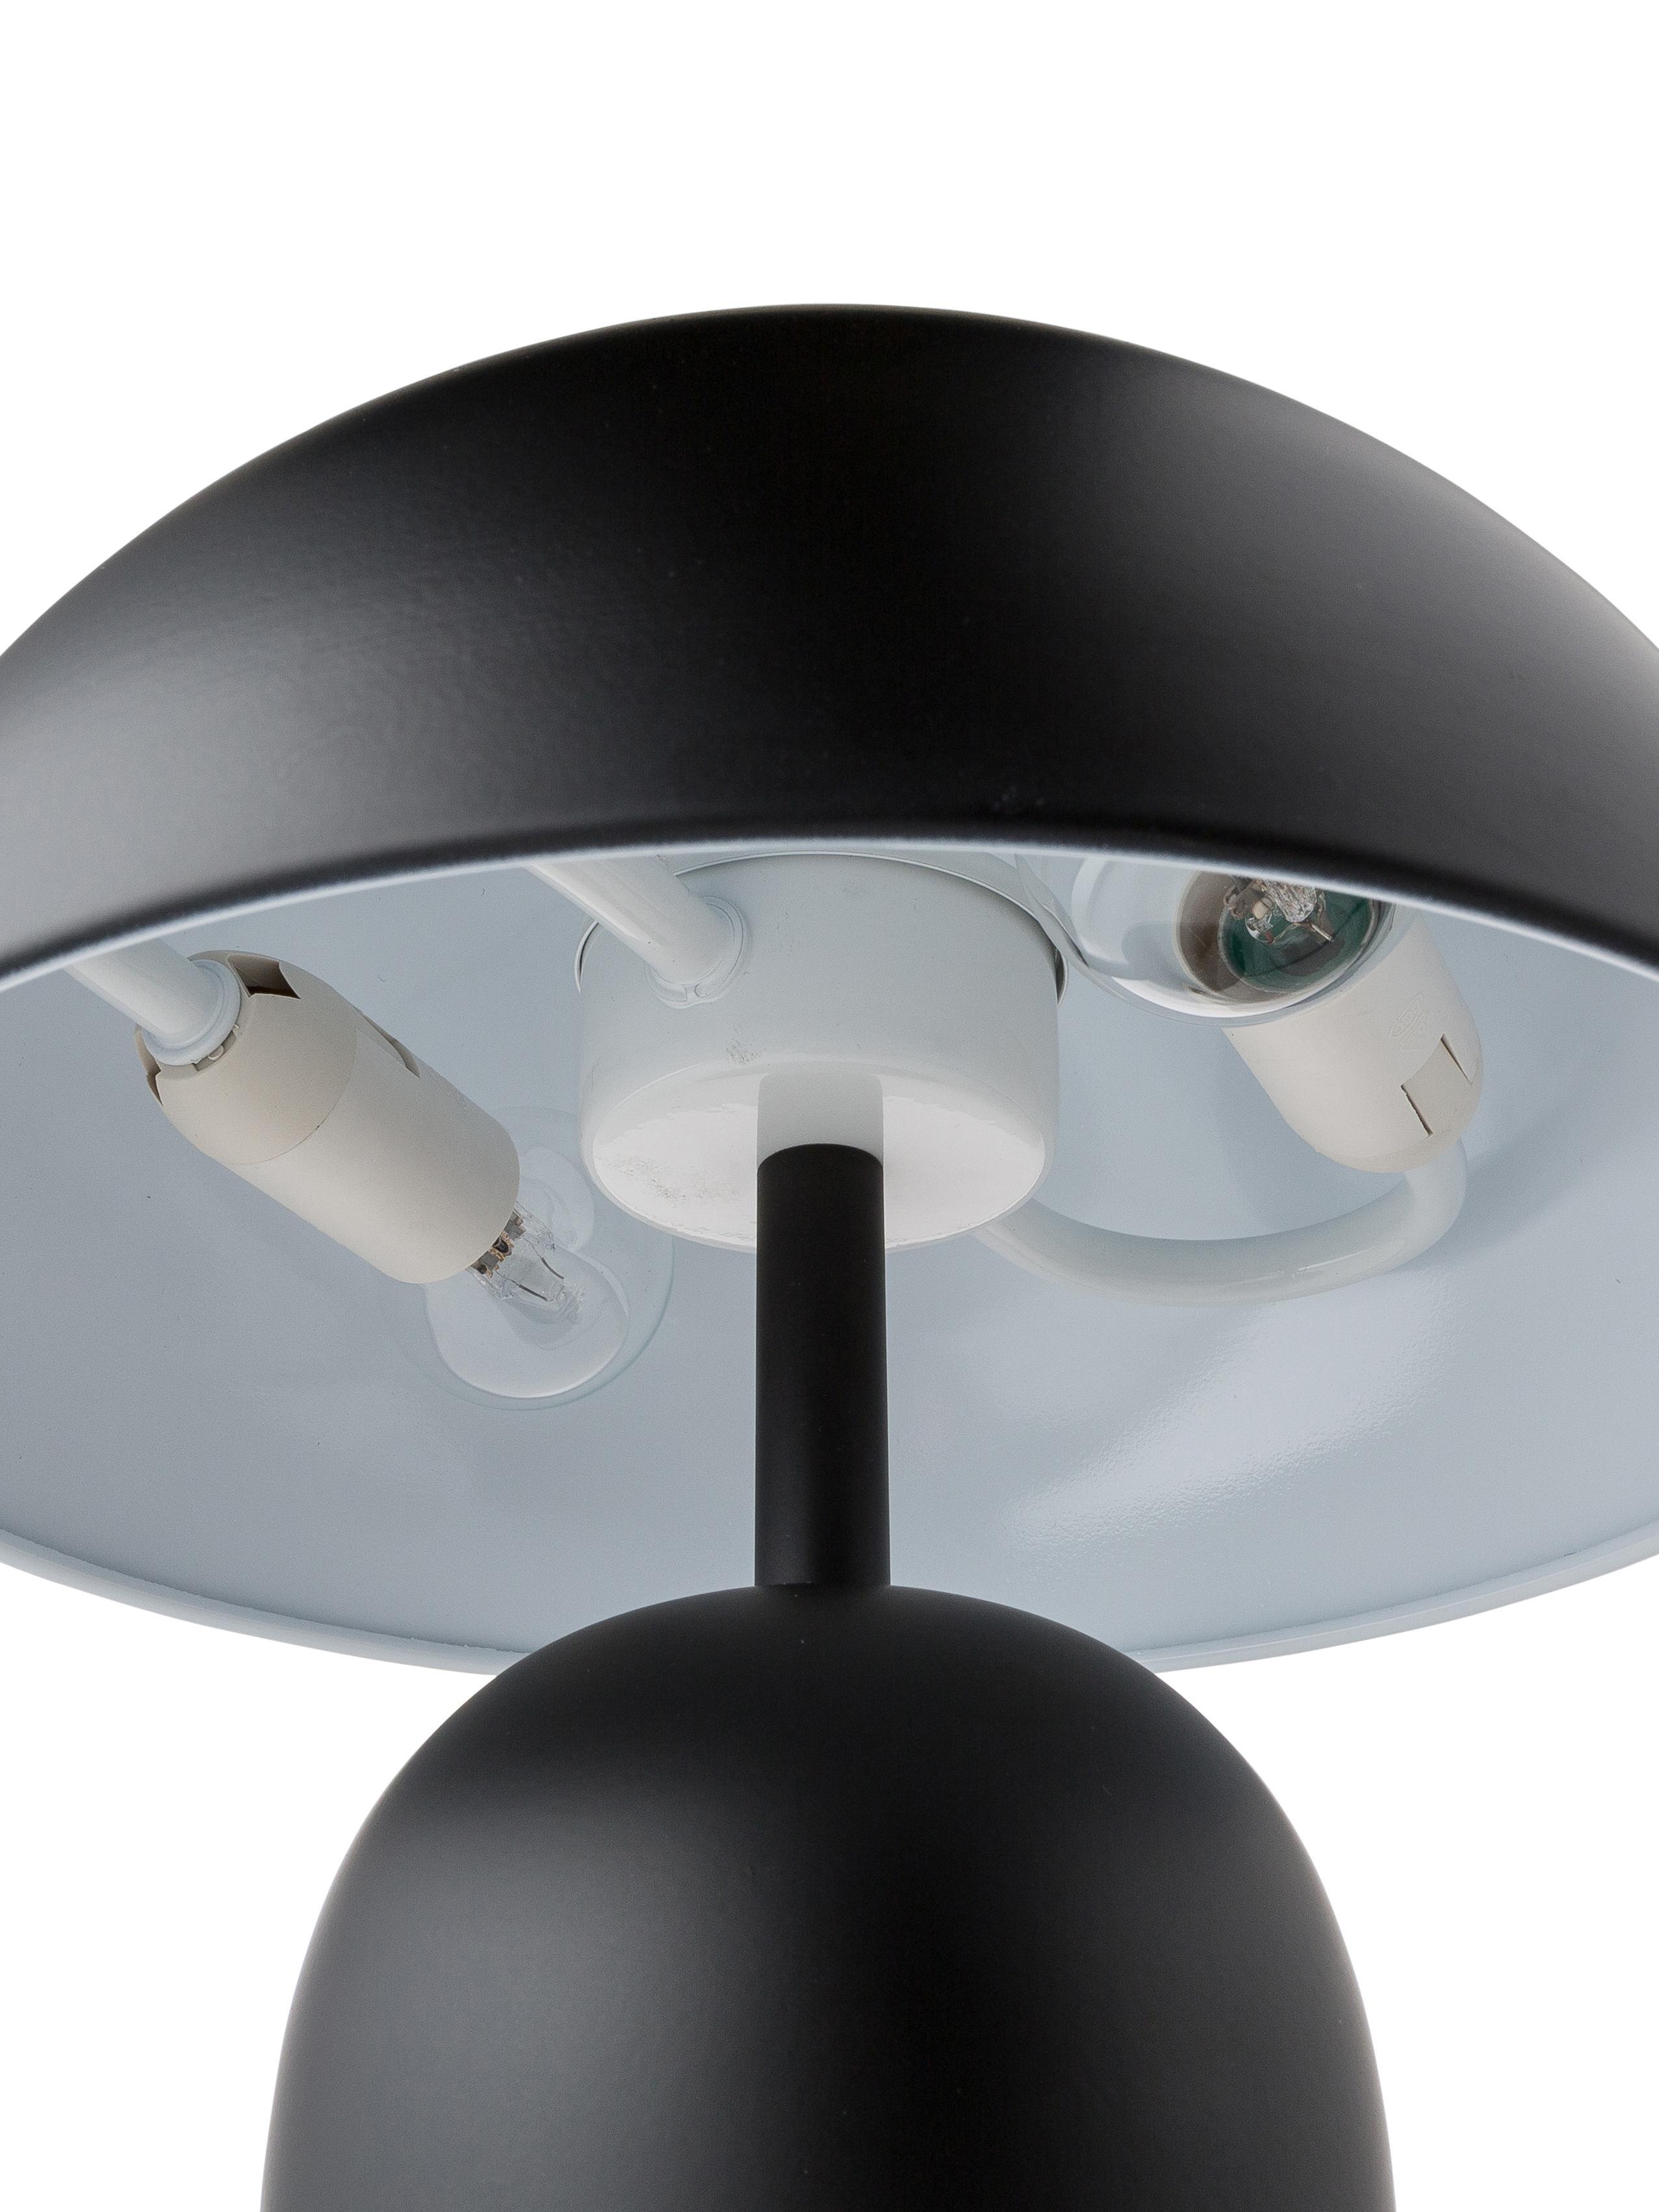 Lampada da tavolo retrò Walter, Paralume: metallo, Base della lampada: metallo, Nero opaco, Ø 25 x Alt. 33 cm